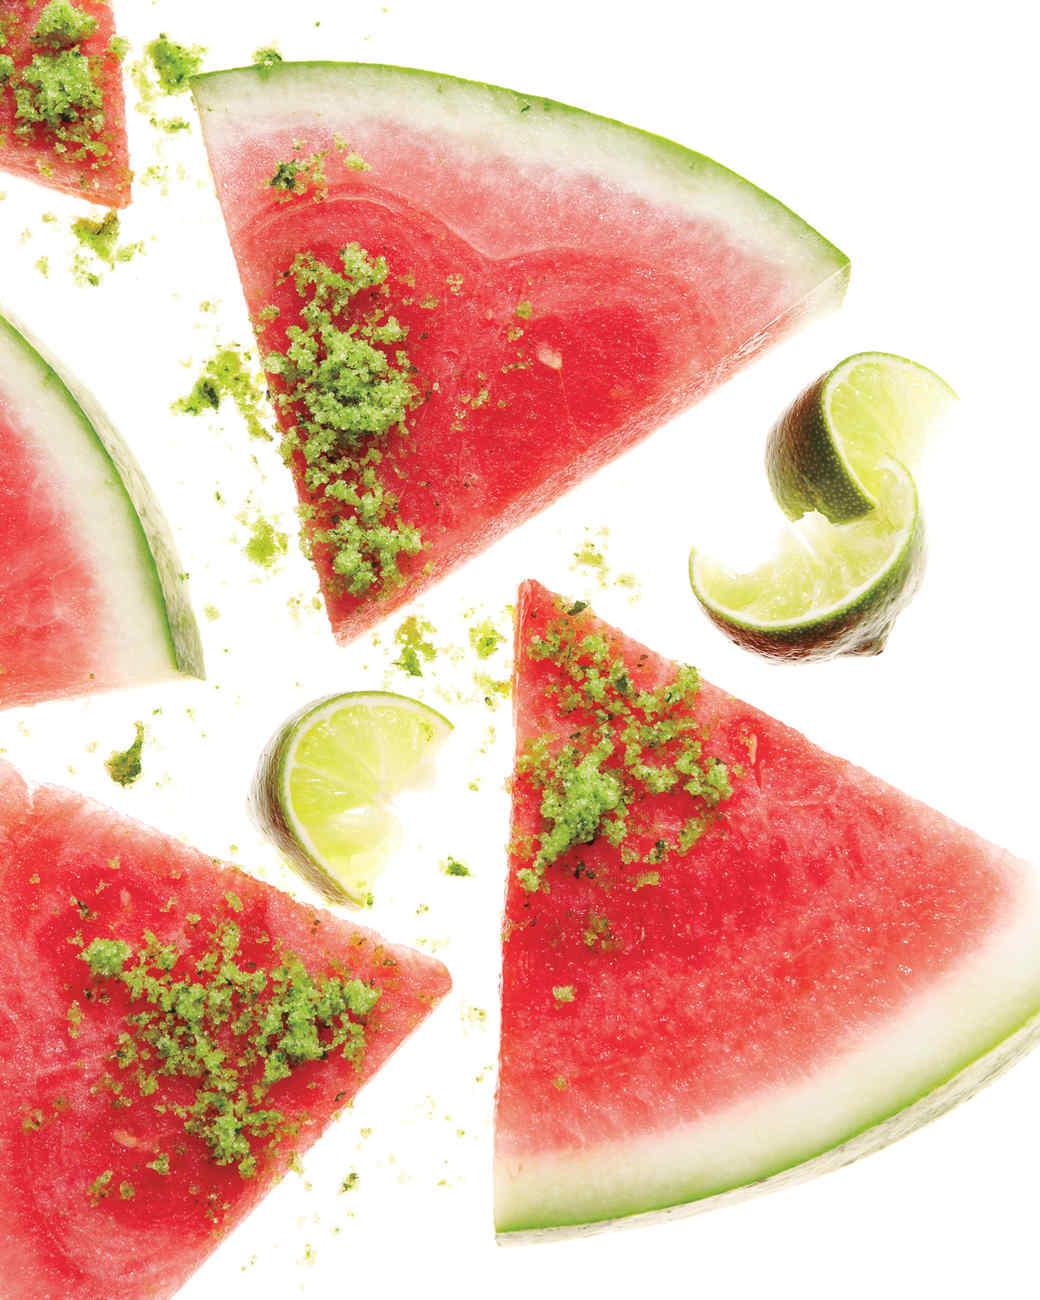 watermelon-lemon-med108826.jpg